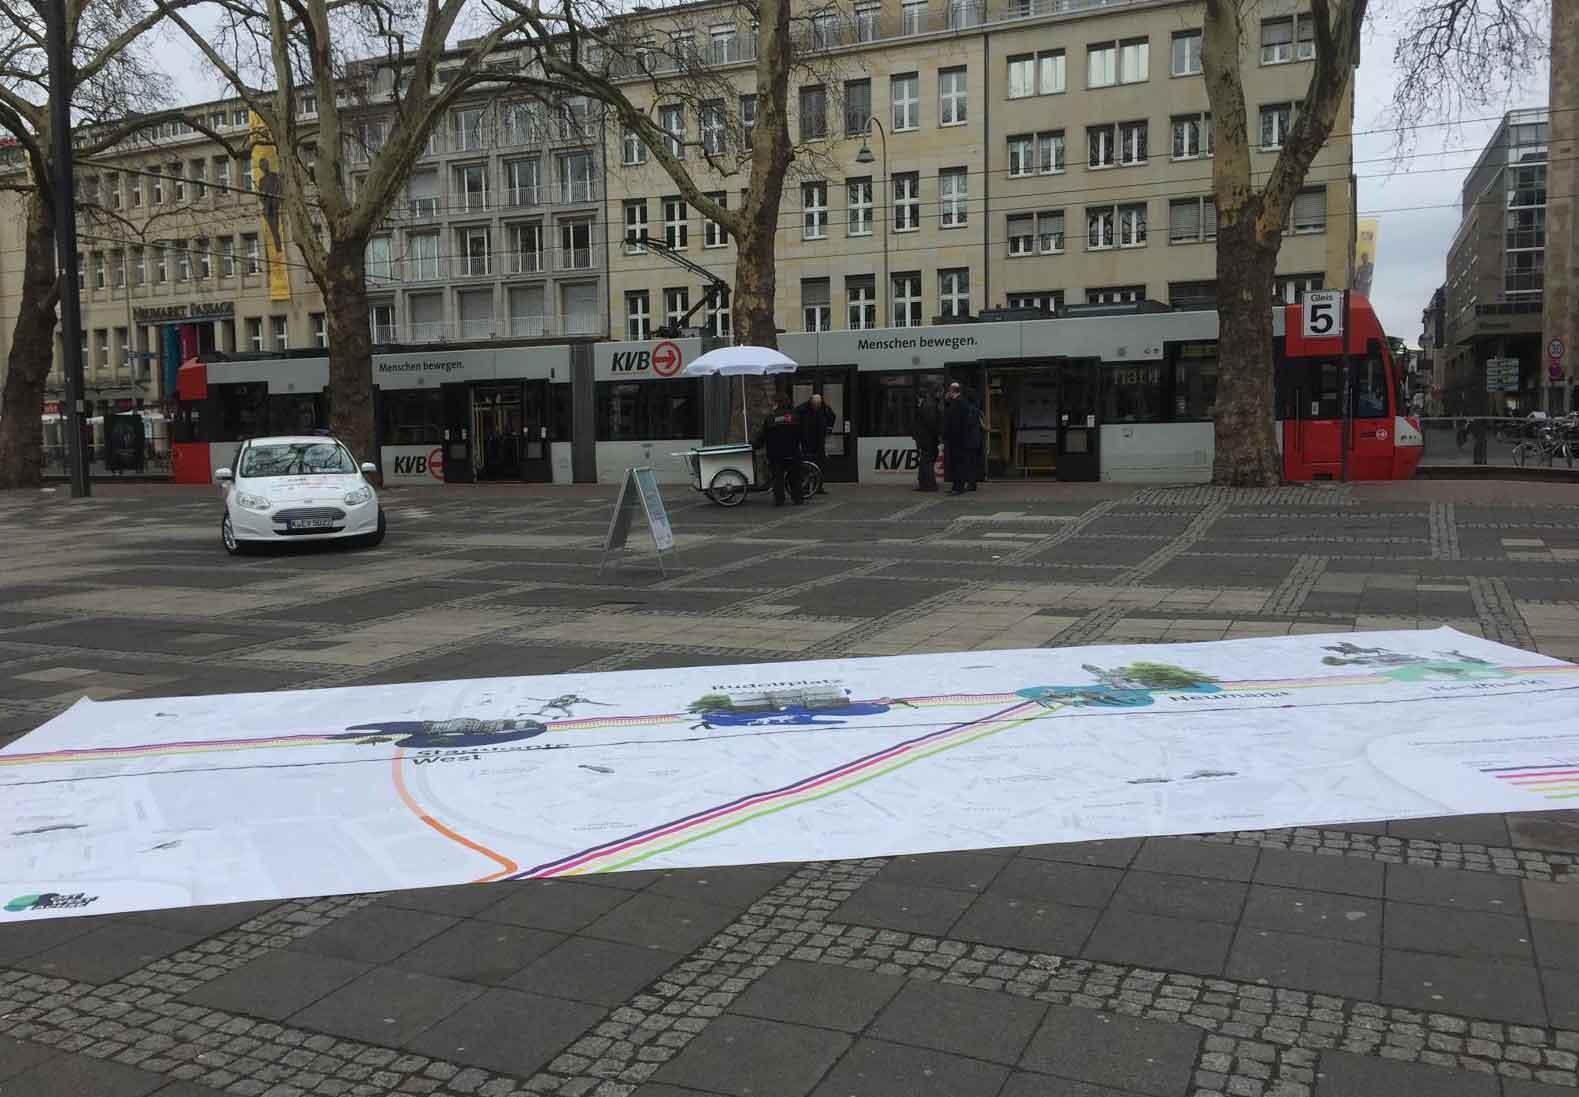 Infostadtbahn und ein großer Teppich mit dem Streckenverlauf auf dem Neumarkt.